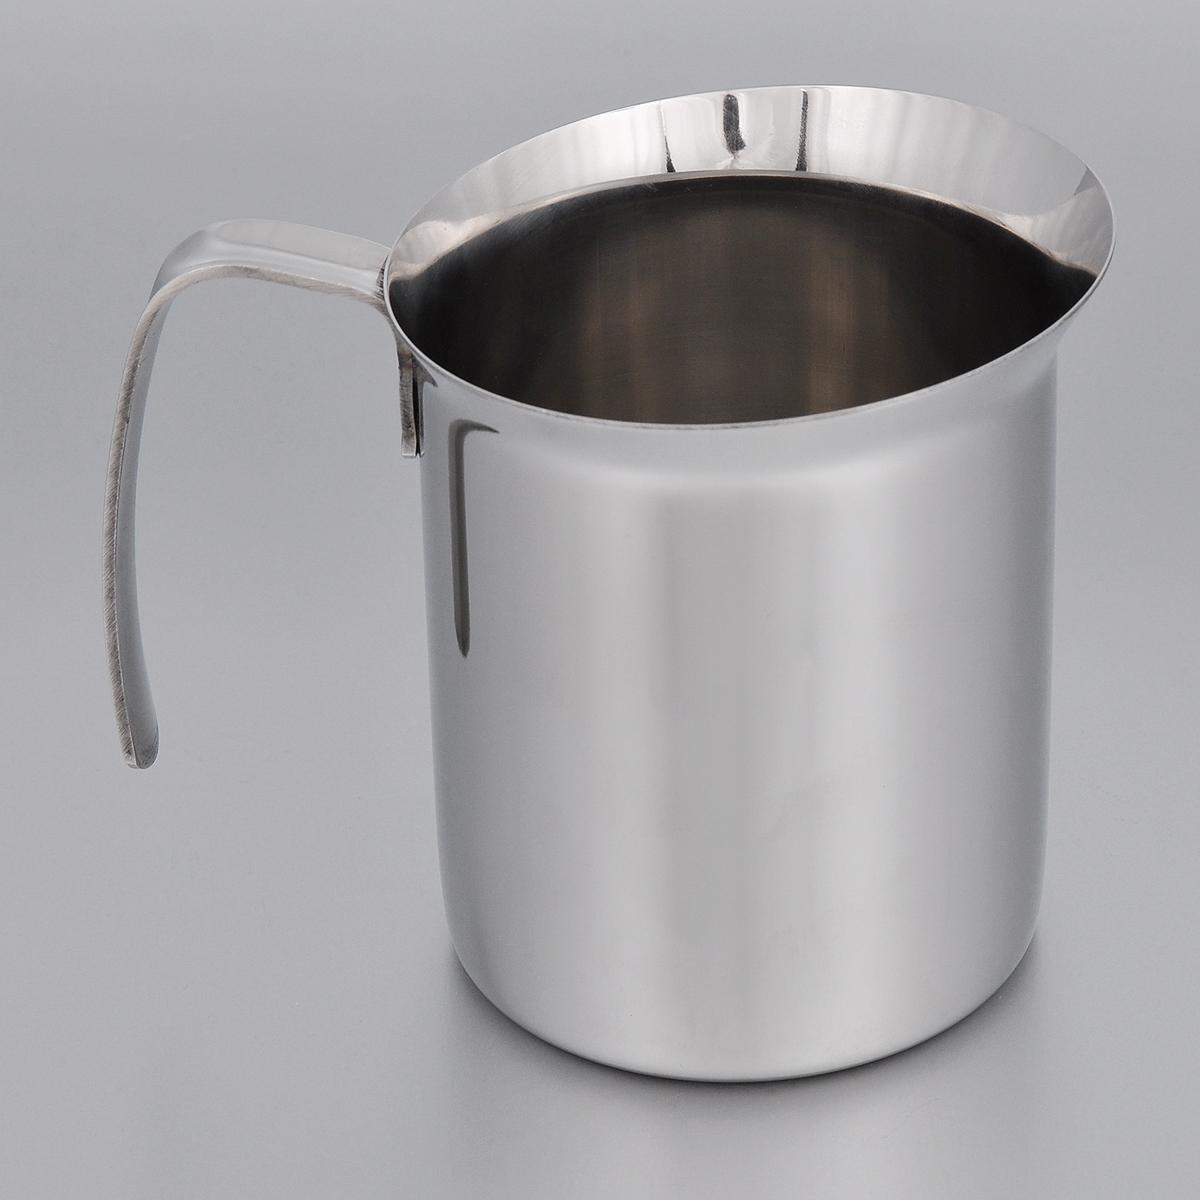 Кружка для взбивания молока Bialetti Elegance, 750 мл54 009312Кружка для взбивания молока Bialetti Elegance изготовлена из высококачественной нержавеющей стали. Изделие оснащено ручкой и специальным носиком для удобного выливания жидкости. Зеркальная полировка придает посуде эстетичный вид.Можно использовать на газовых, электрических и стеклокерамических плитах.Объем: 750 мл. Диаметр по верхнему краю: 11 см.Диаметр дна: 9 см. Высота стенки: 11,3 см.